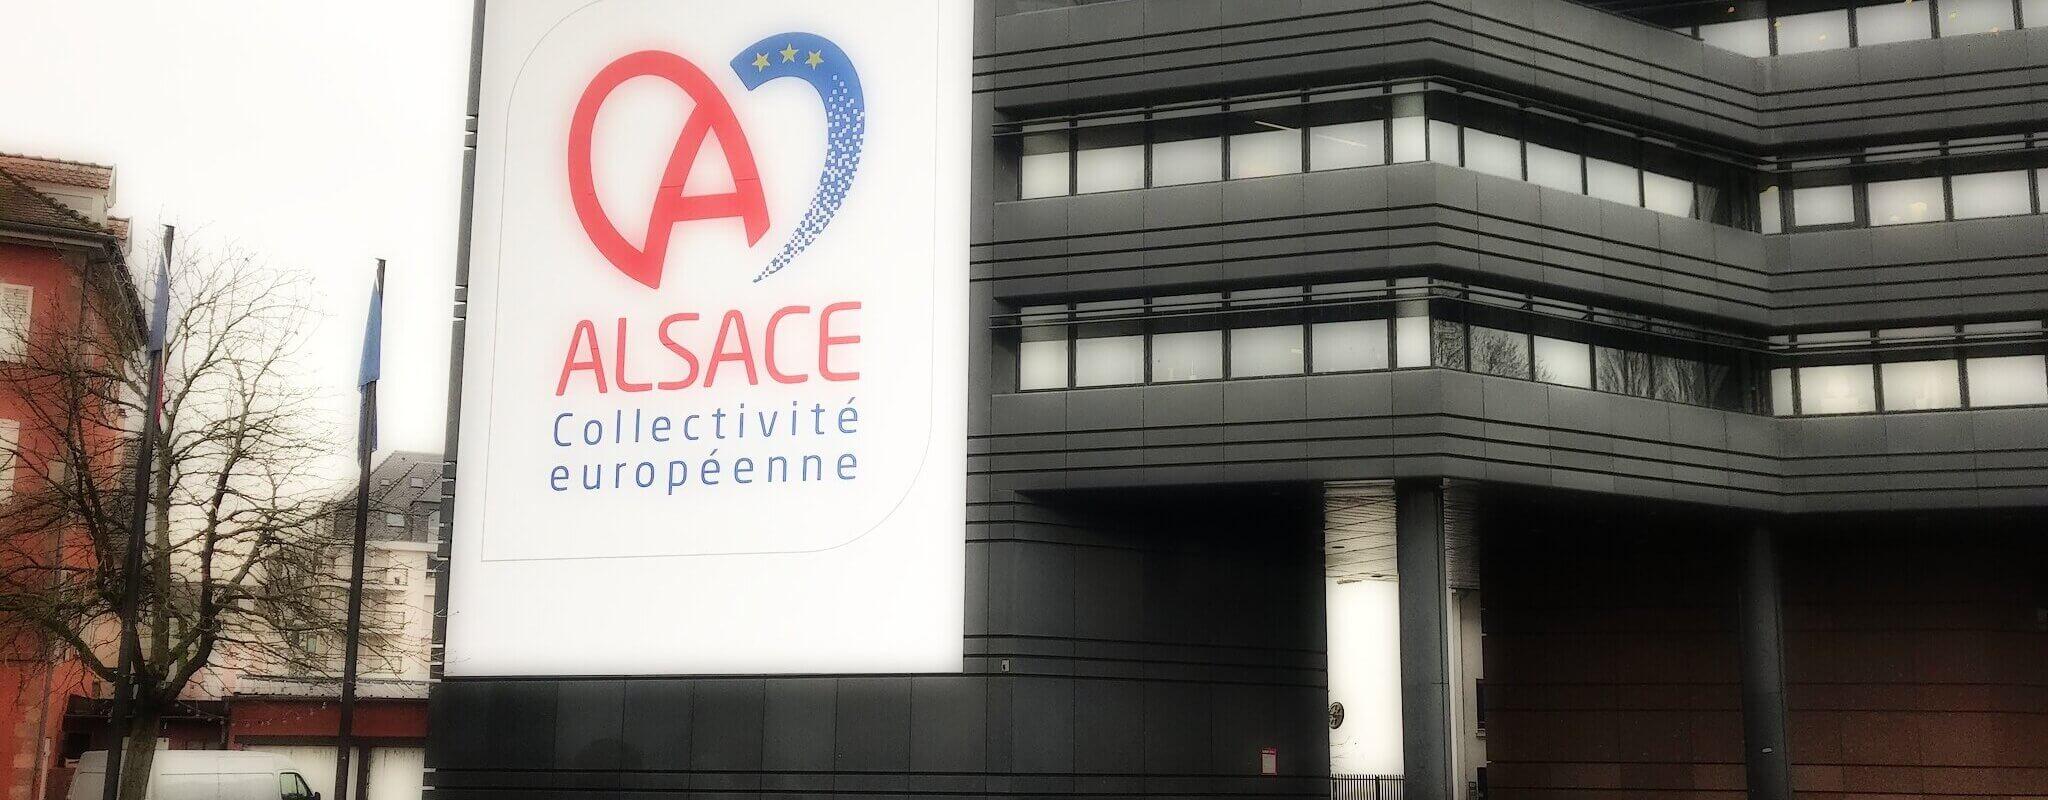 Attaquée sur son logo, la collectivité d'Alsace de nouveau ciblée par les régionalistes